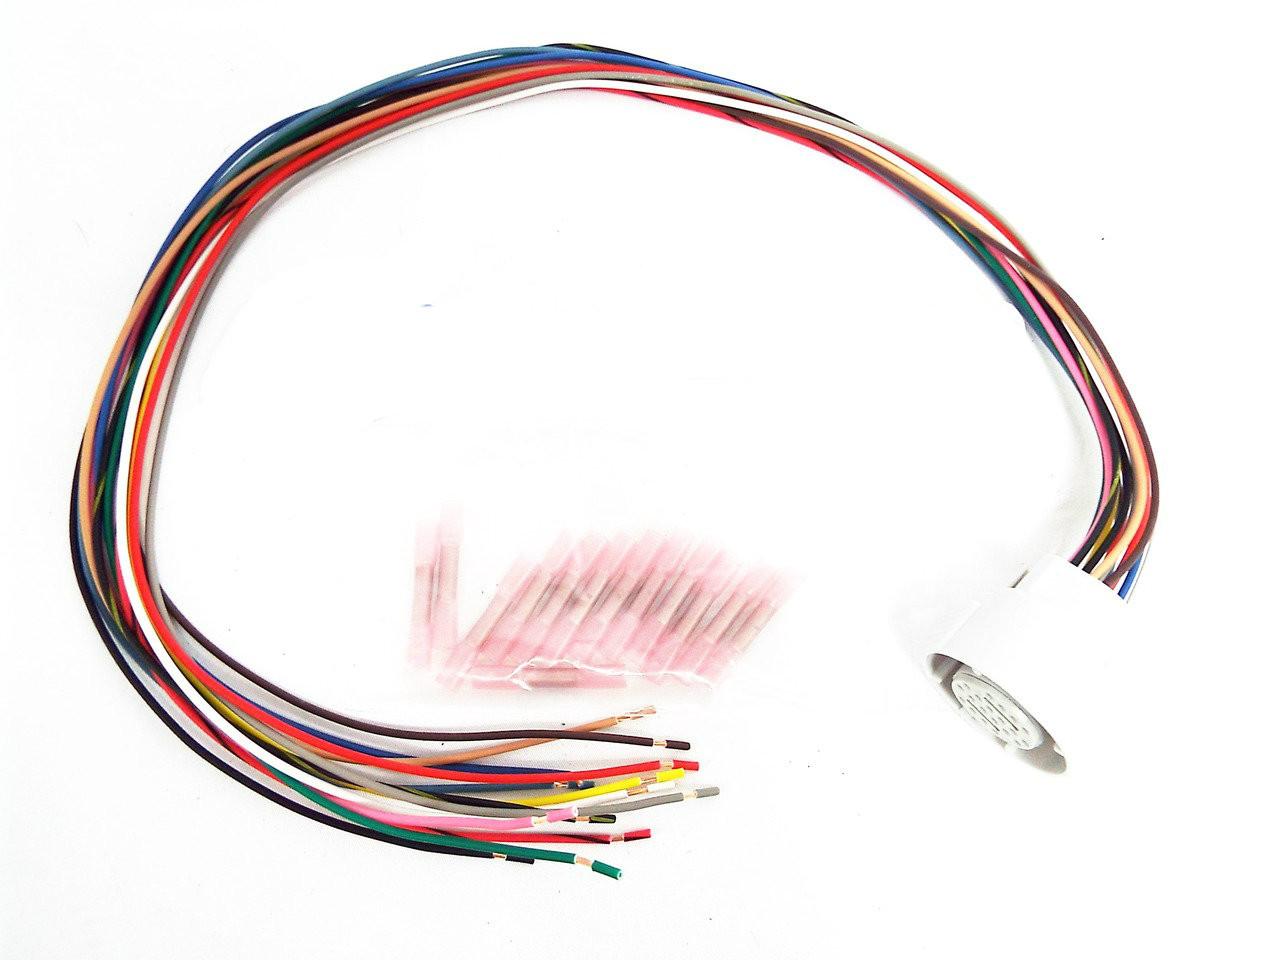 hight resolution of ls3 wiring harnes schematic